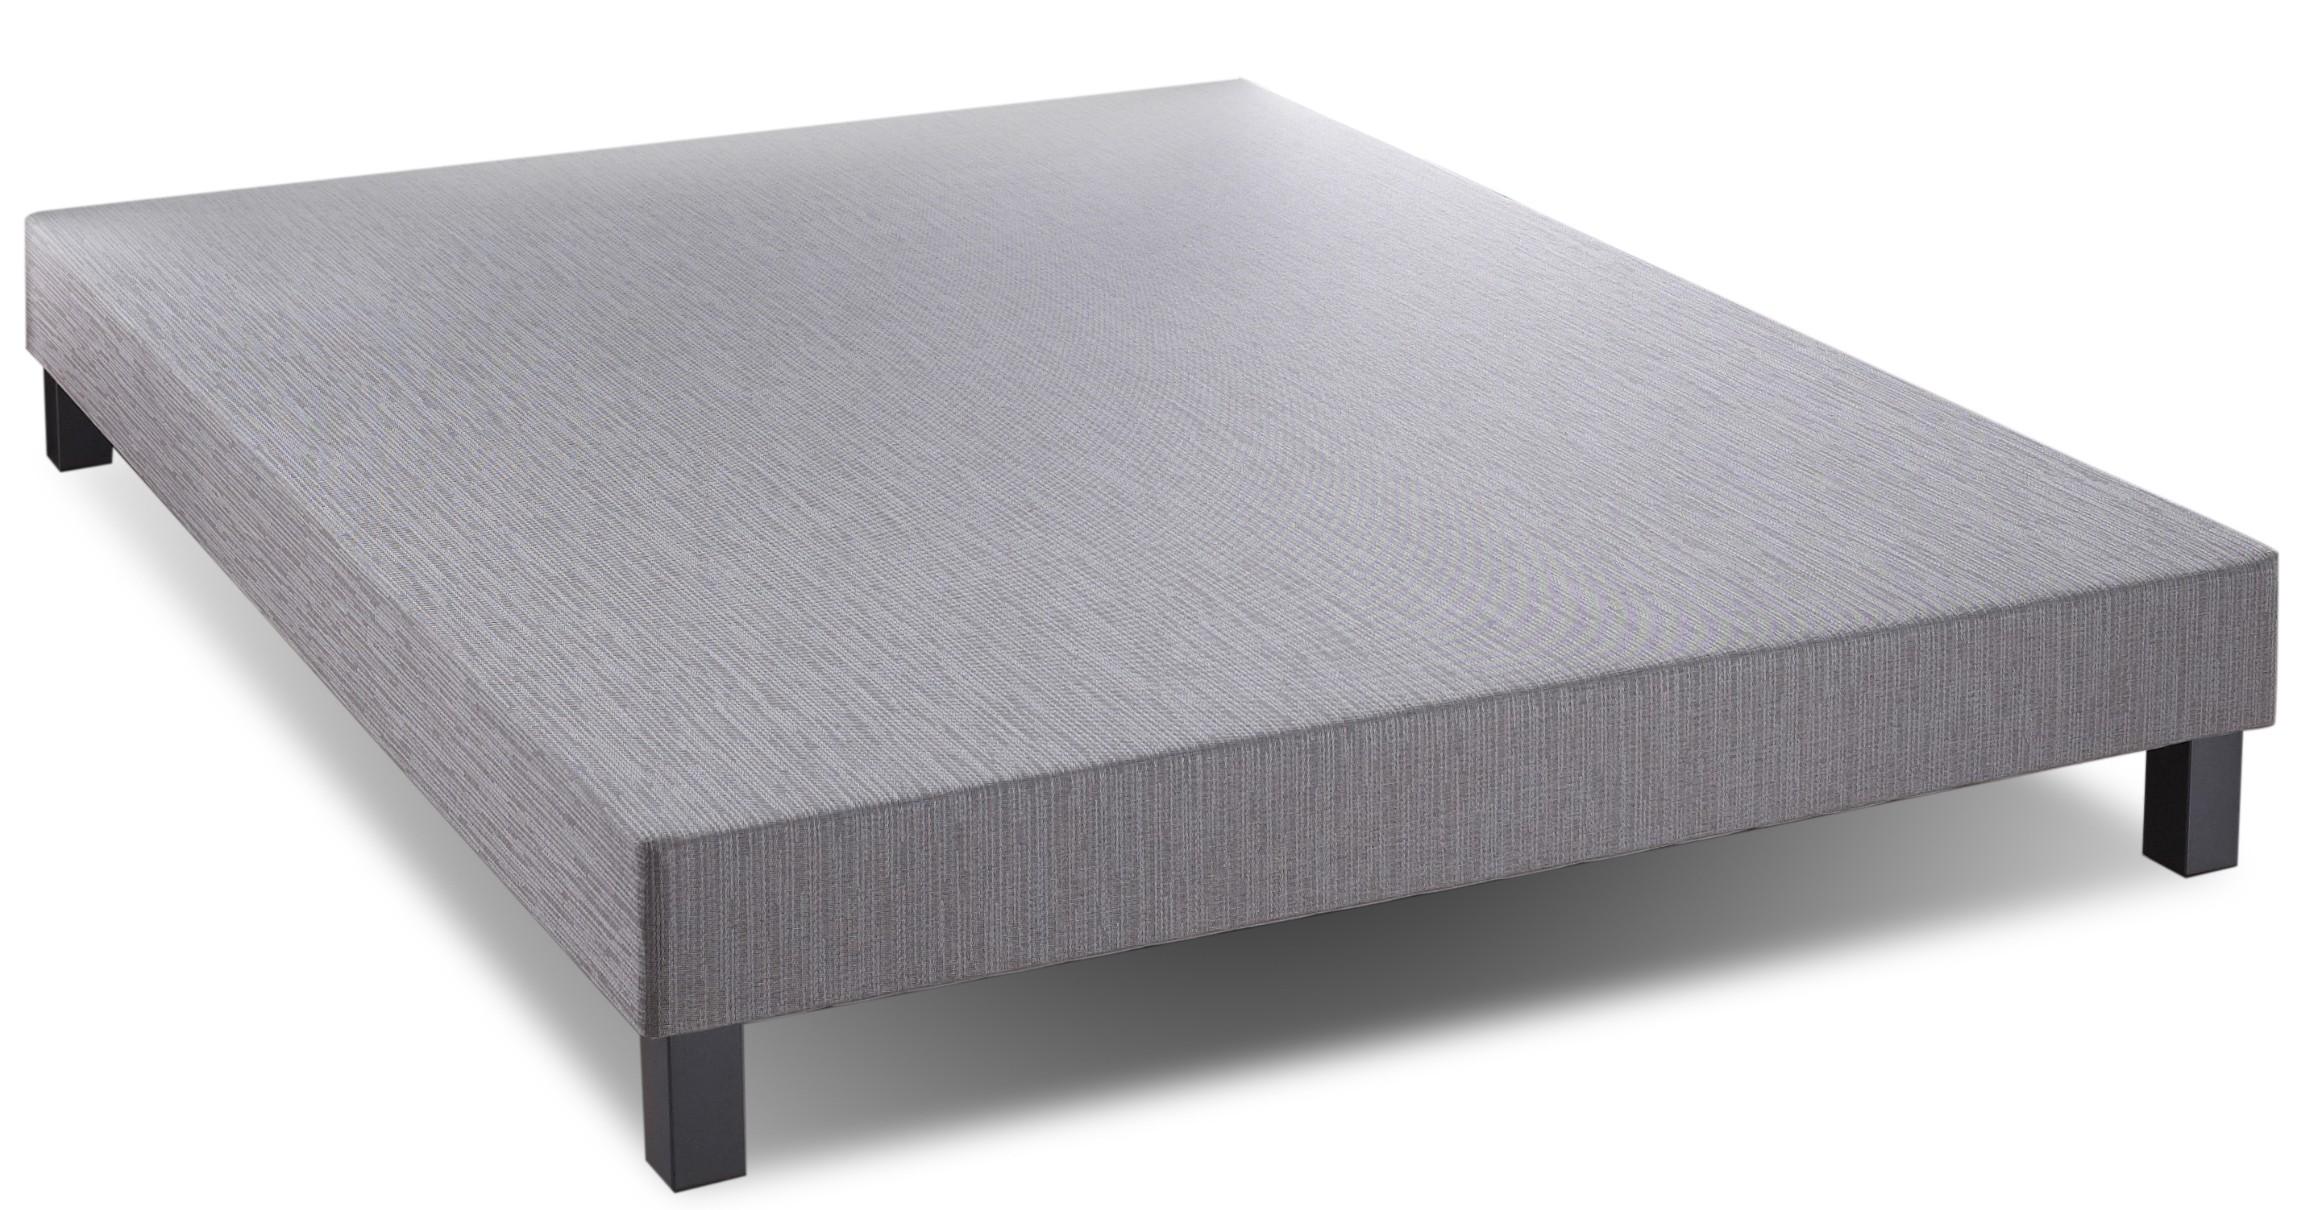 sommier tapissier gris fonc 90x190cm relaxima pieds bois gris. Black Bedroom Furniture Sets. Home Design Ideas